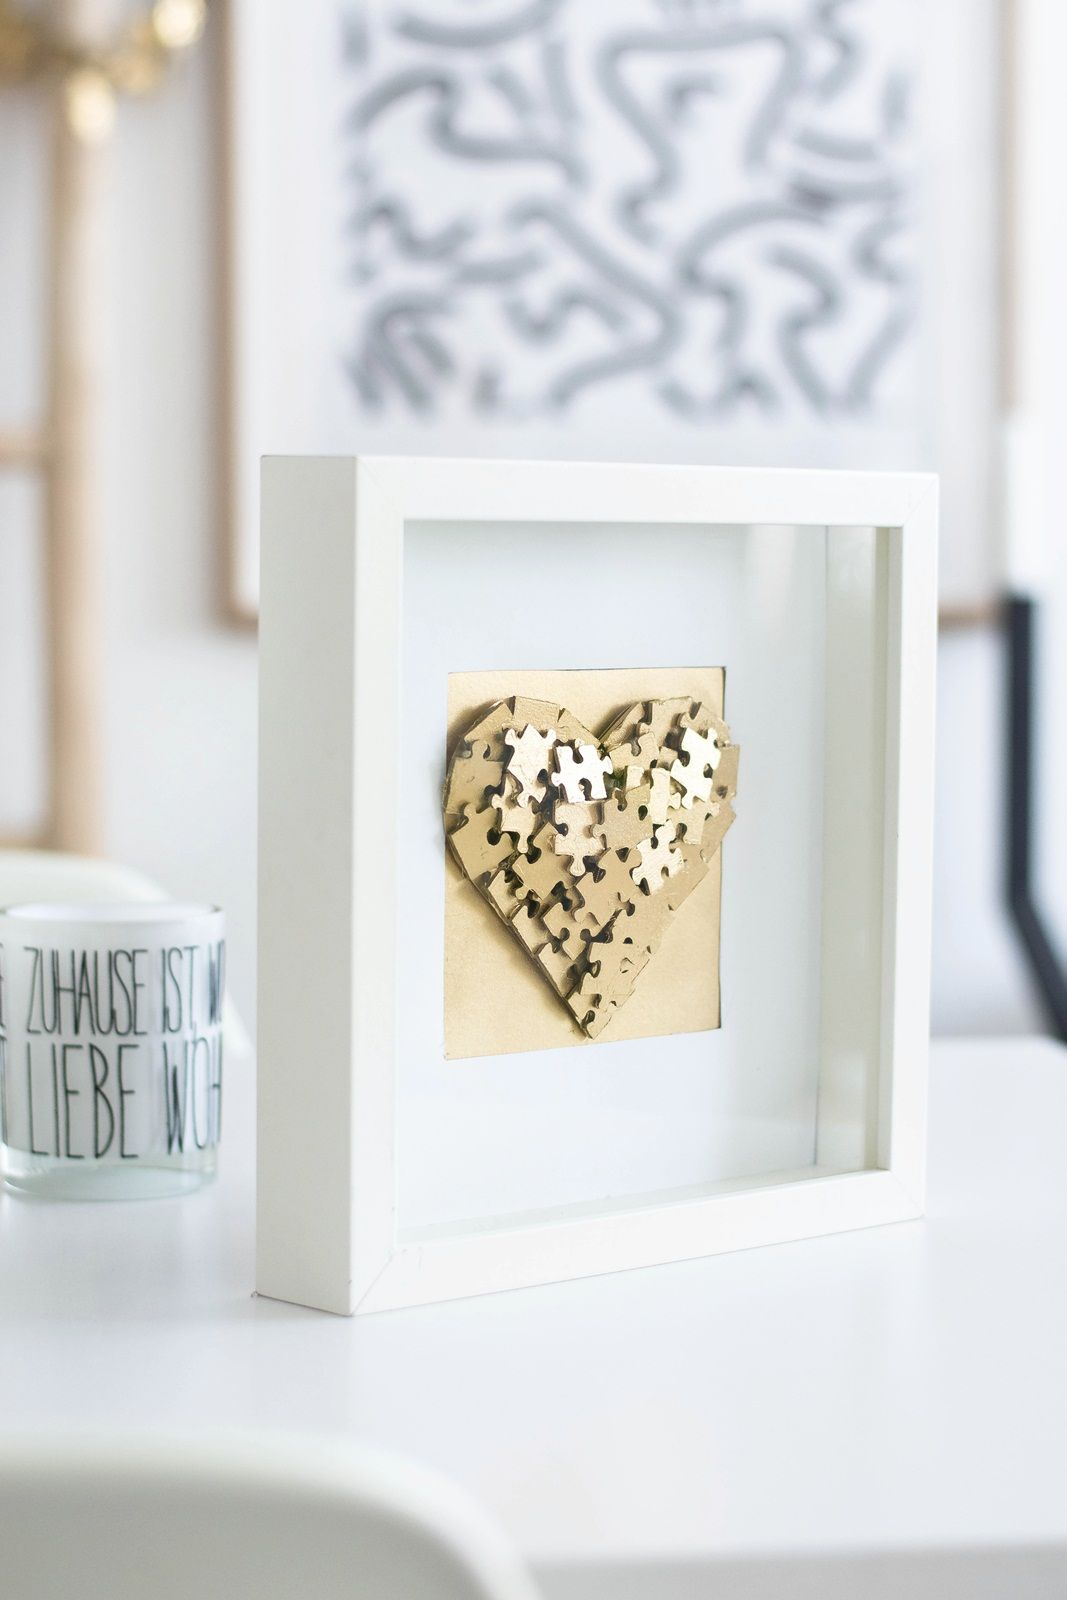 die besten 25 kreative hochzeitsgeschenke zum selber machen ideen auf pinterest originelle. Black Bedroom Furniture Sets. Home Design Ideas